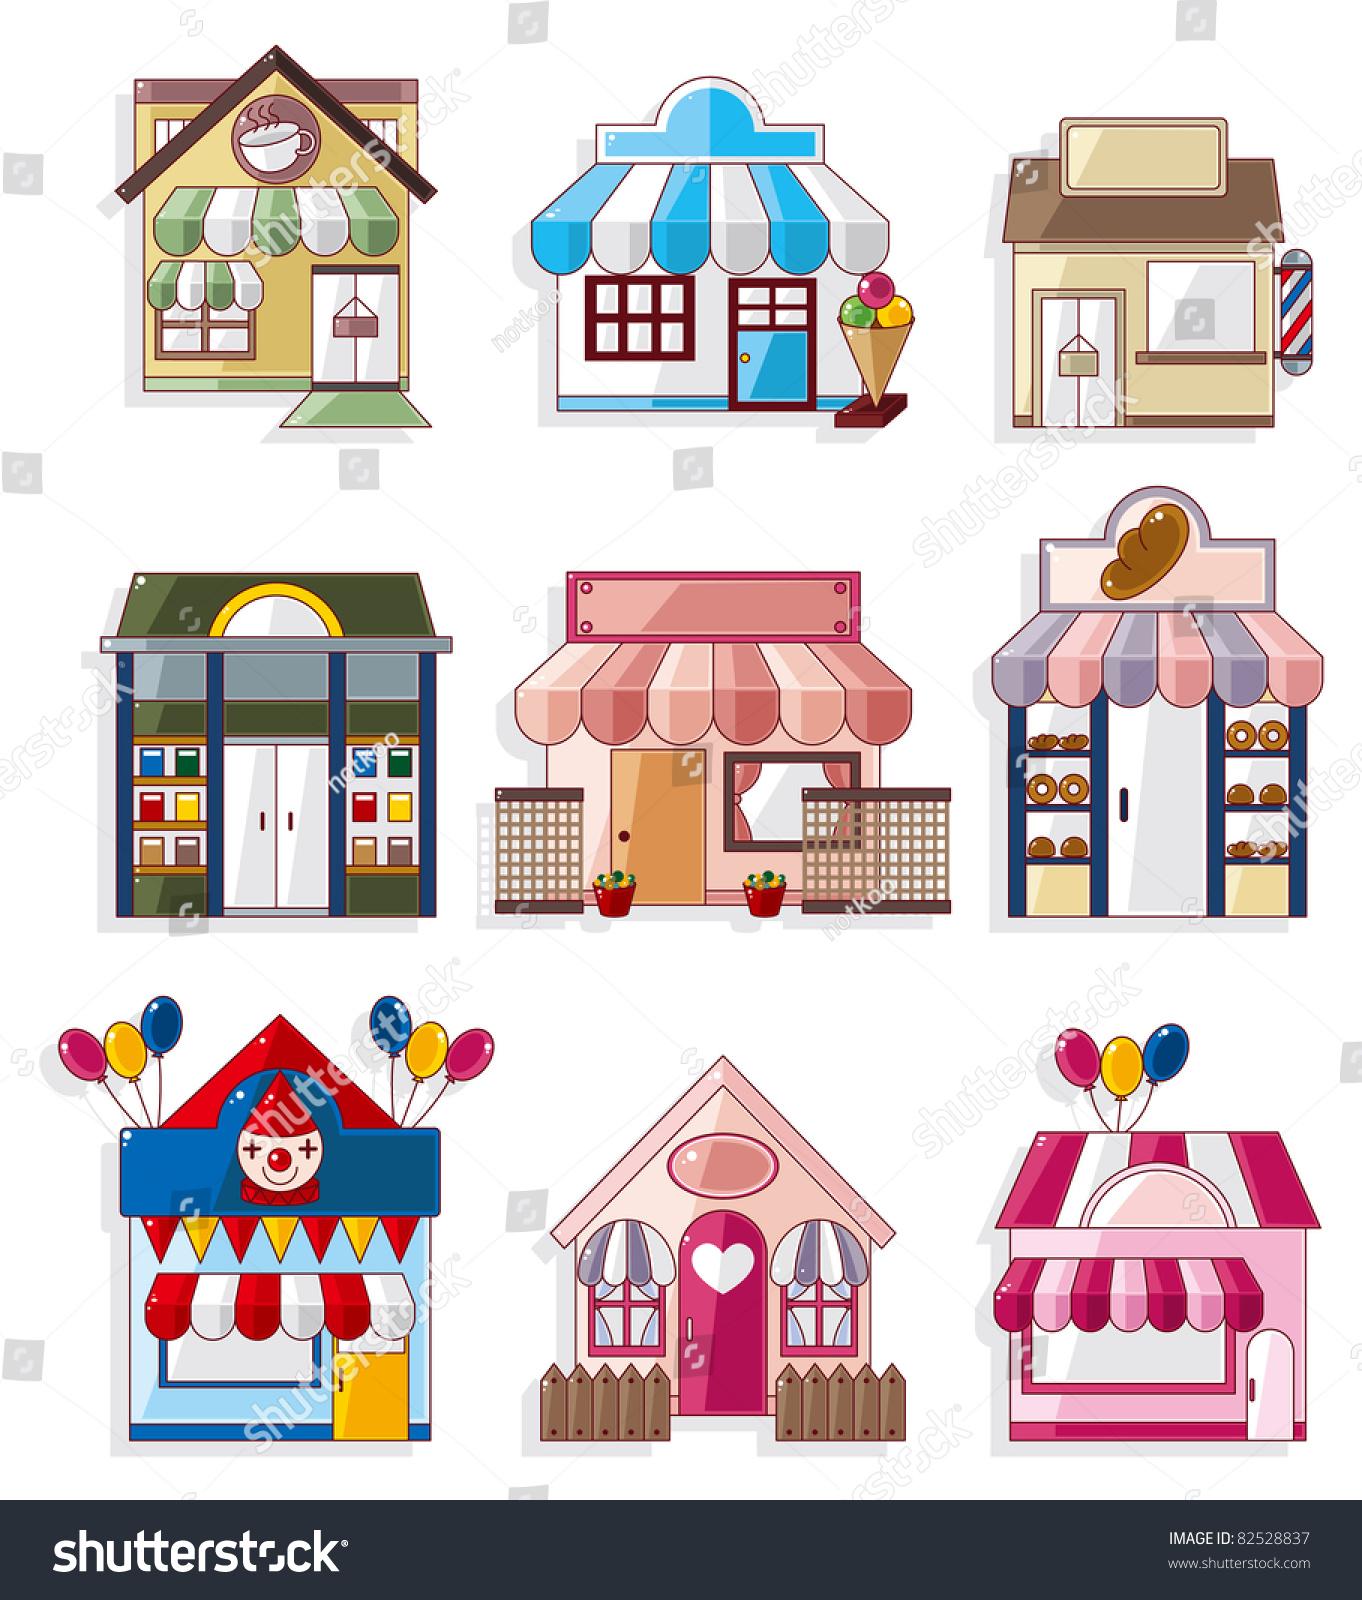 ppt建筑物图标素材